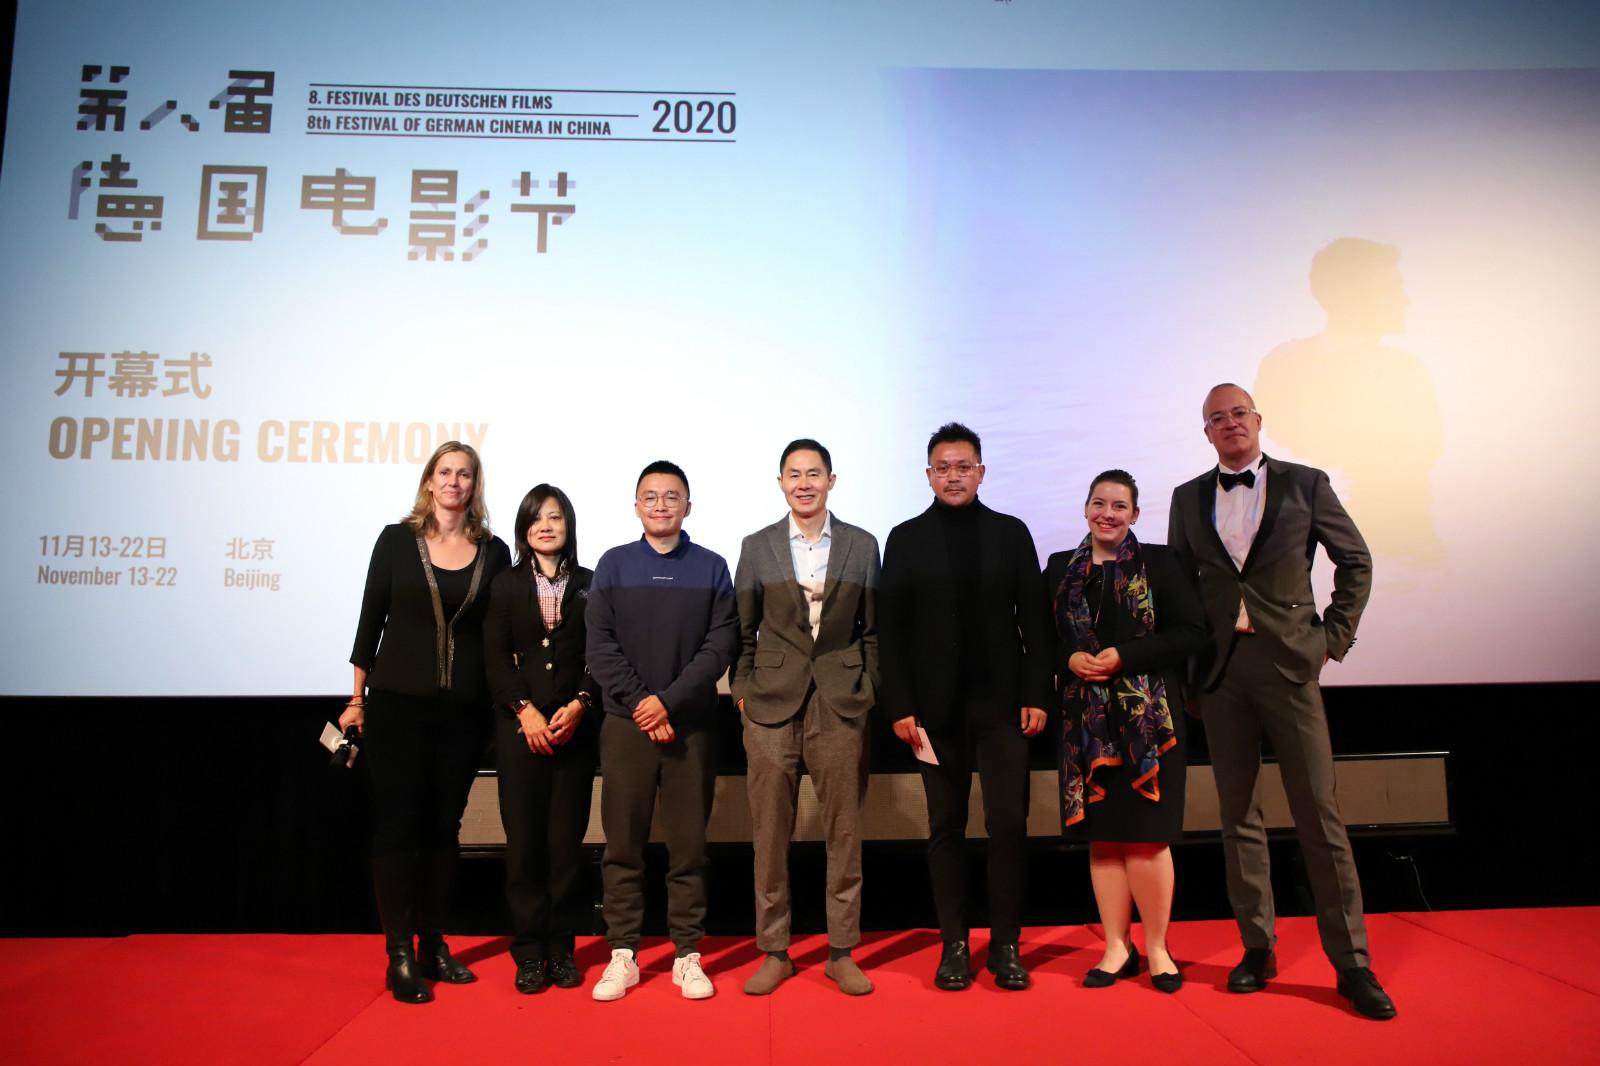 第八届德国电影节举办:《温蒂妮》等十一部影片聚焦当代德国